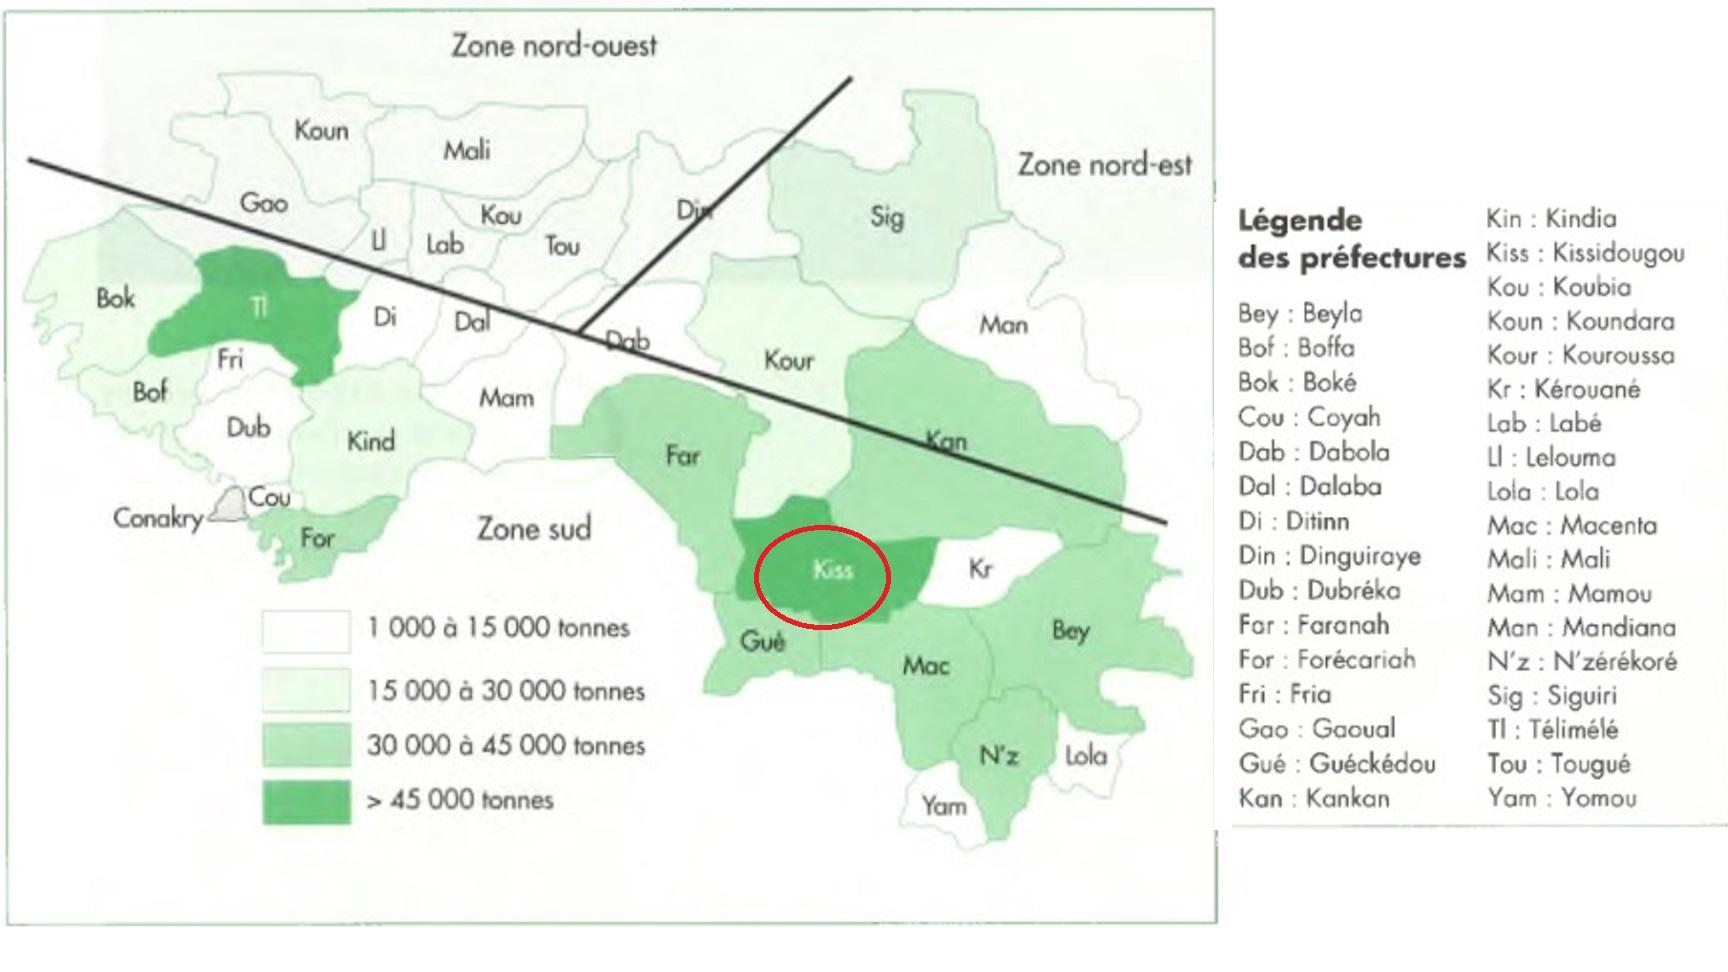 Zones culture riz en Guinée4